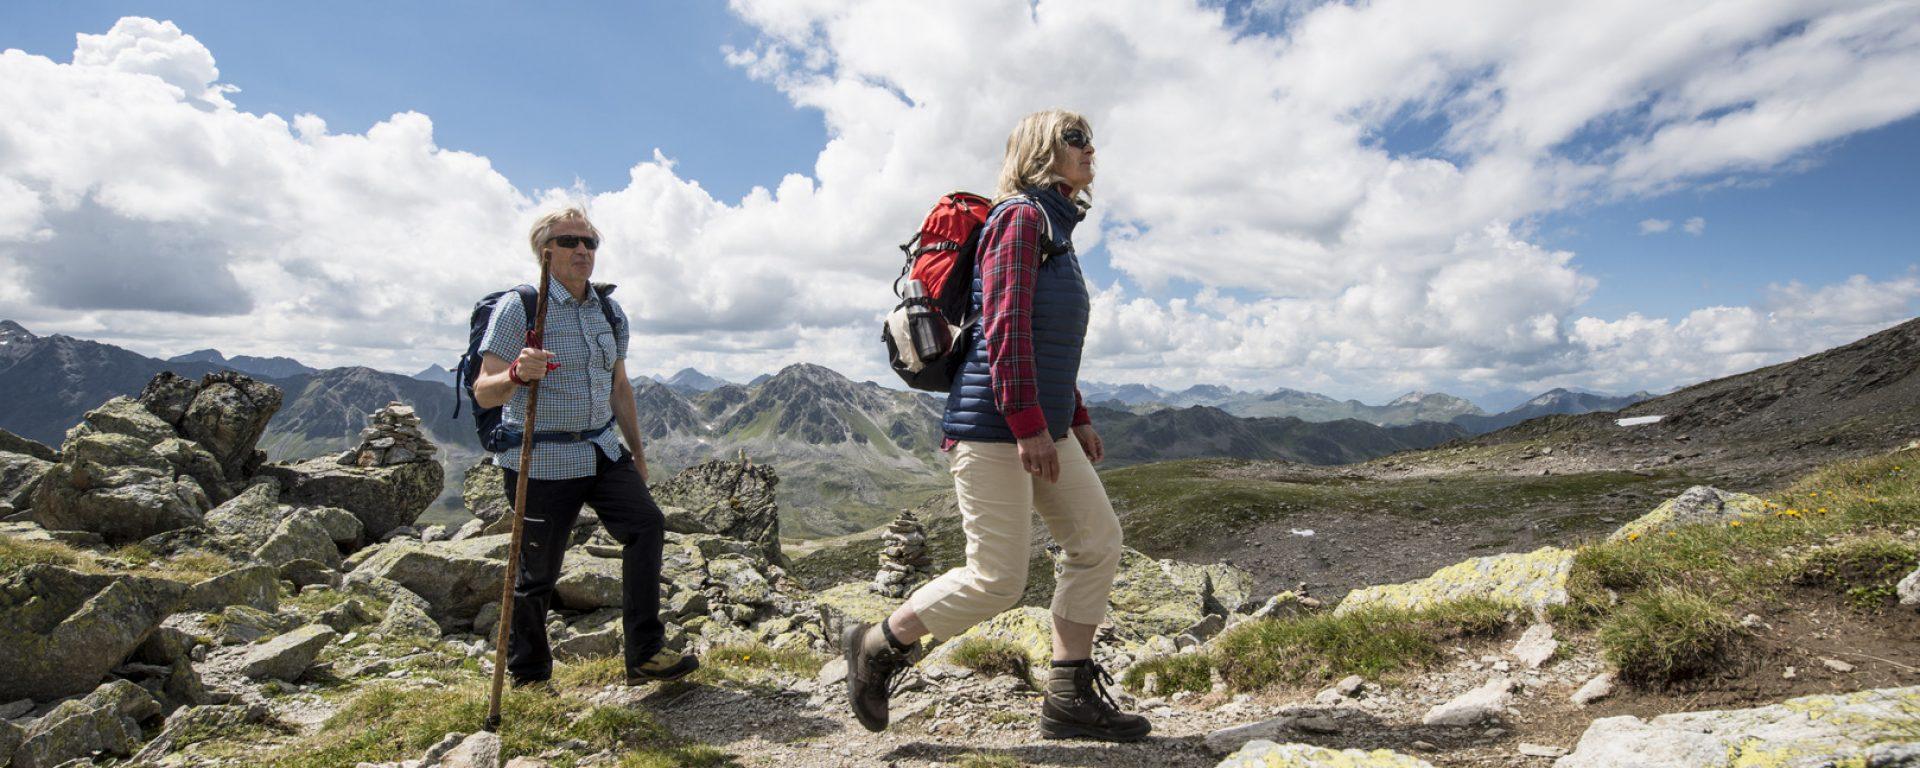 Wandern, älteres Paar, Sommer, Grosseltern